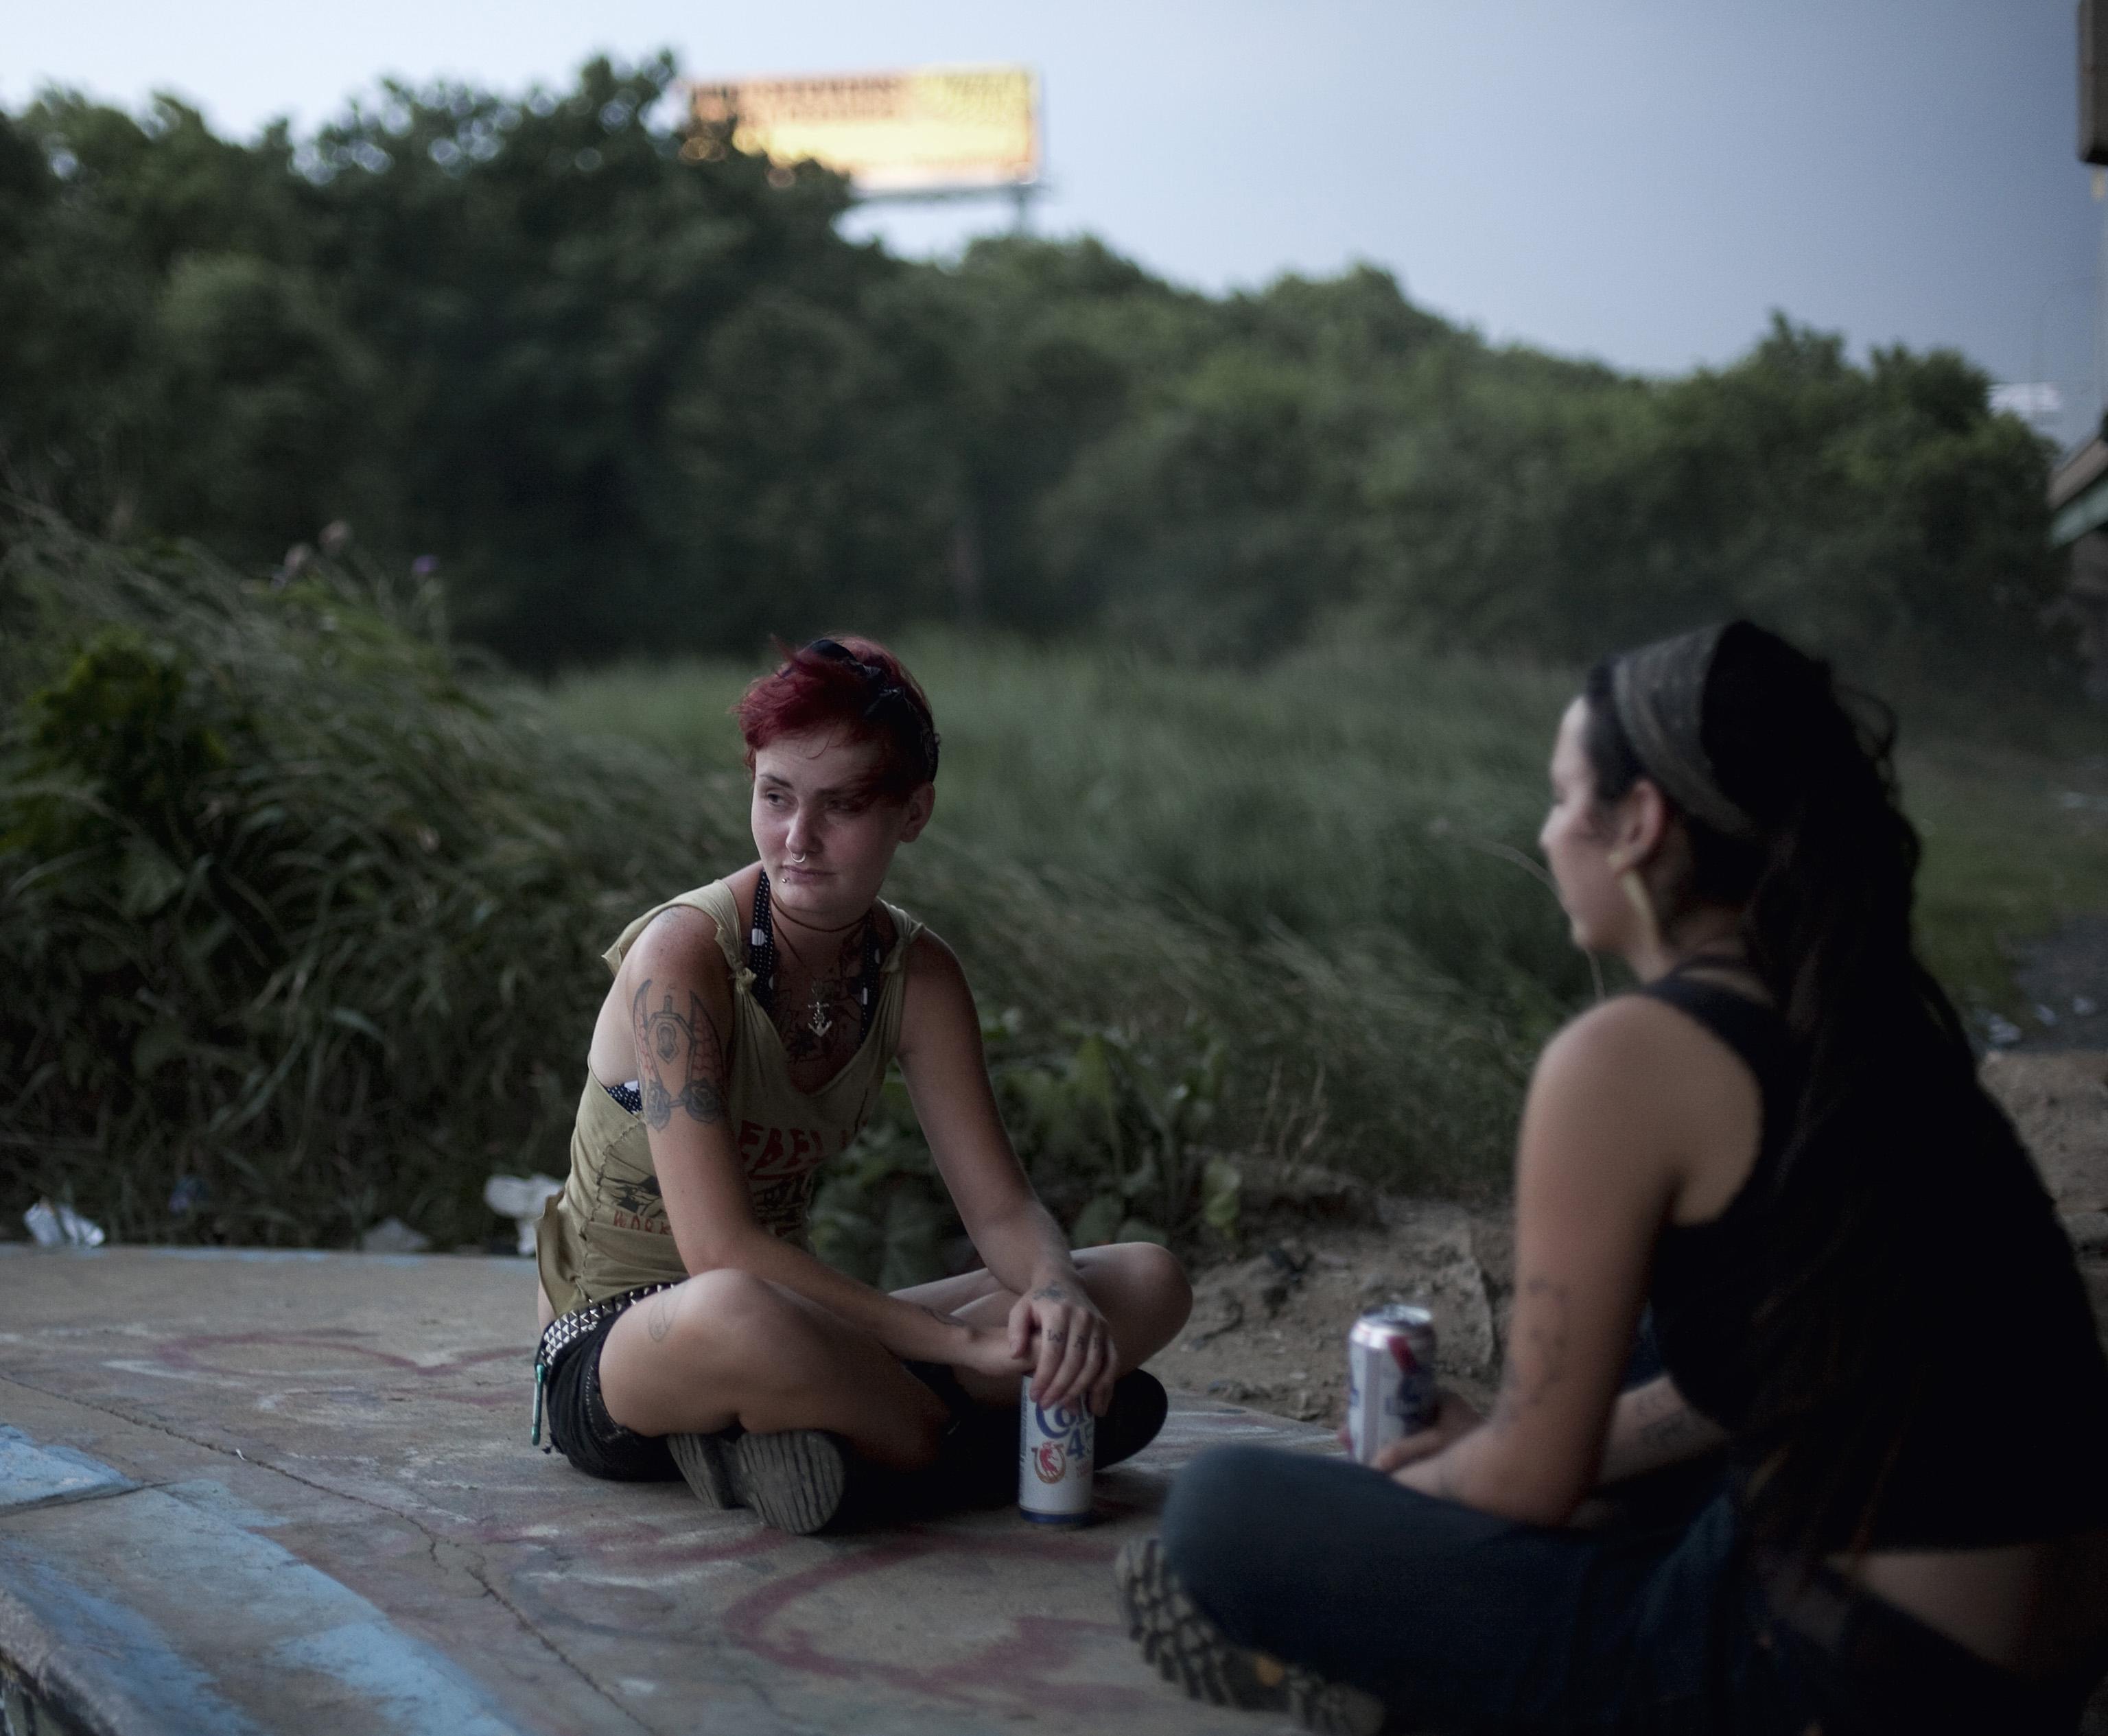 Punk Girls, FDR, Philadelphia, USA